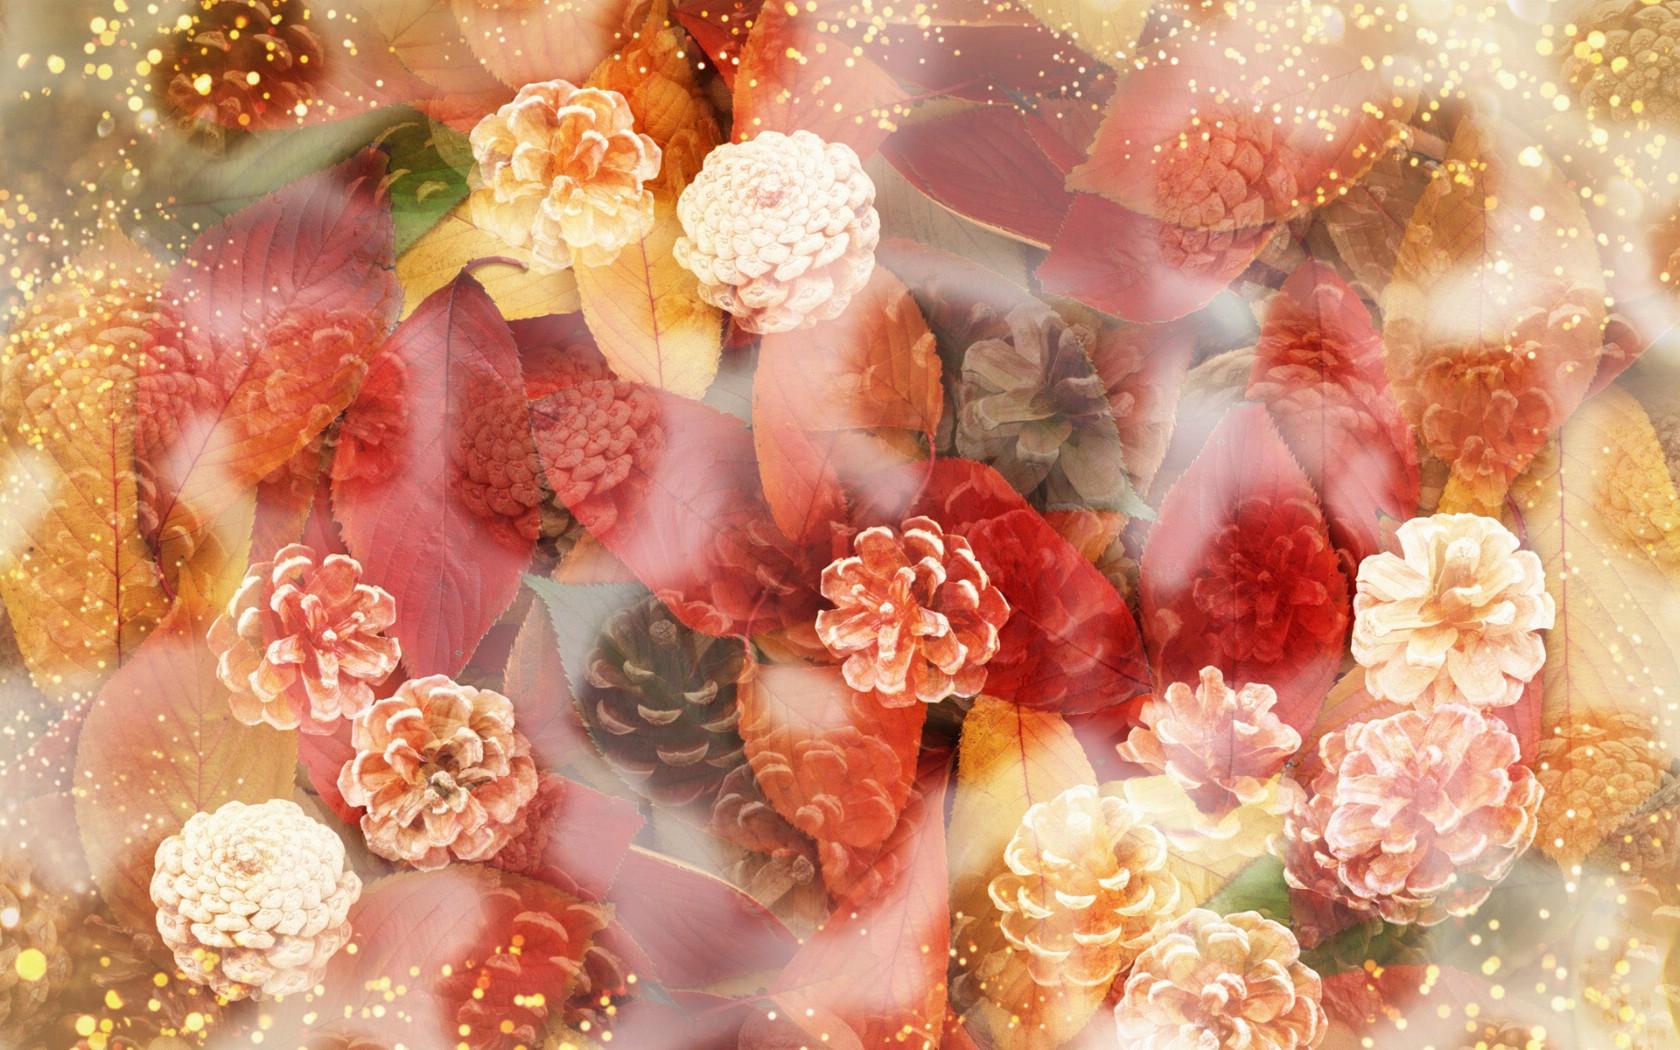 壁纸1680×1050朦胧花朵柔美 宽屏壁纸 壁纸7壁纸 朦胧花朵柔美 宽屏壁壁纸图片系统壁纸系统图片素材桌面壁纸